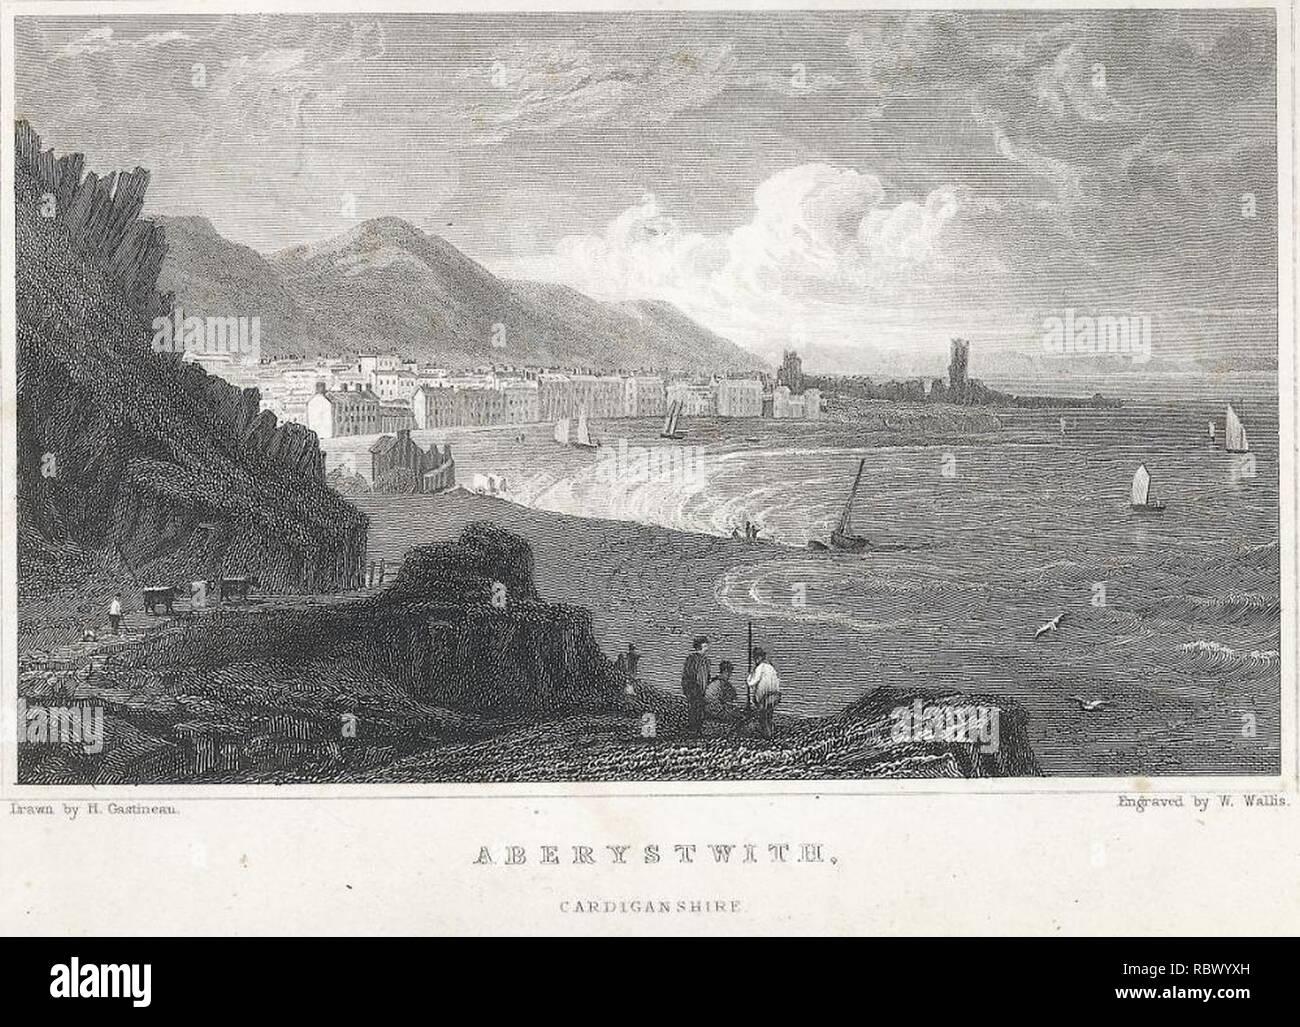 Aberystwith, Cardiganshire (1133529). - Stock Image